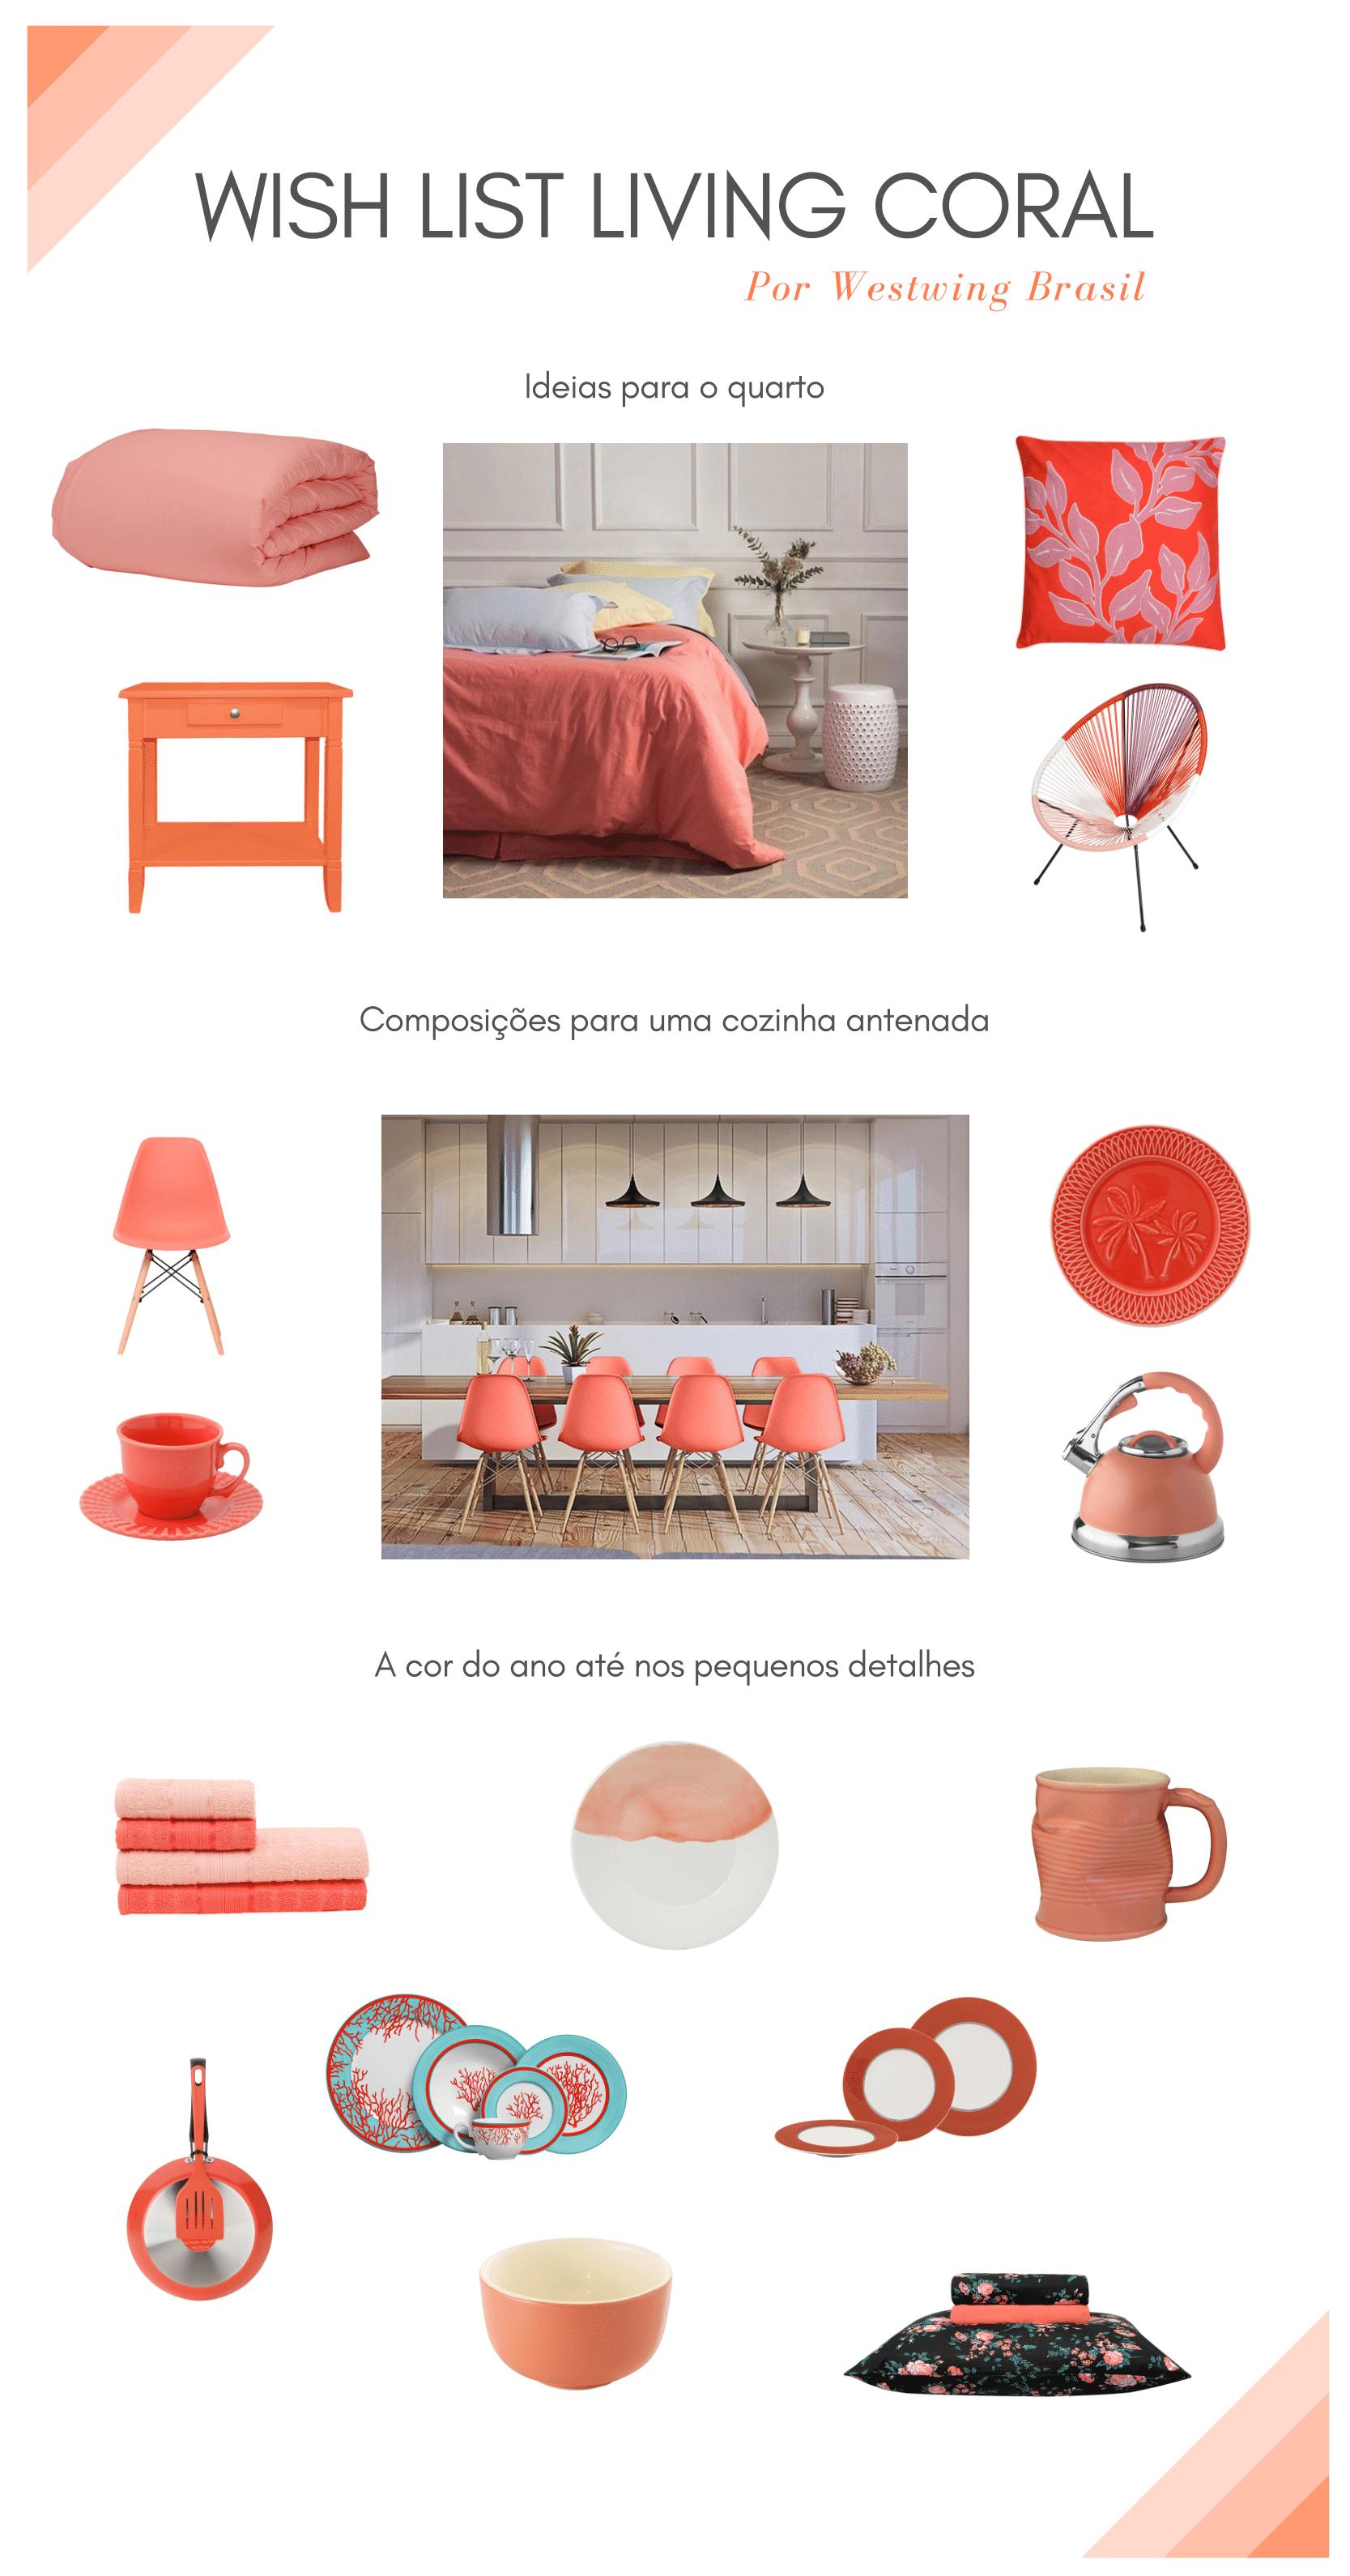 Wish list Living Coral: 16 ideias para usar a cor de 2019 na decoração | westwing.com.br